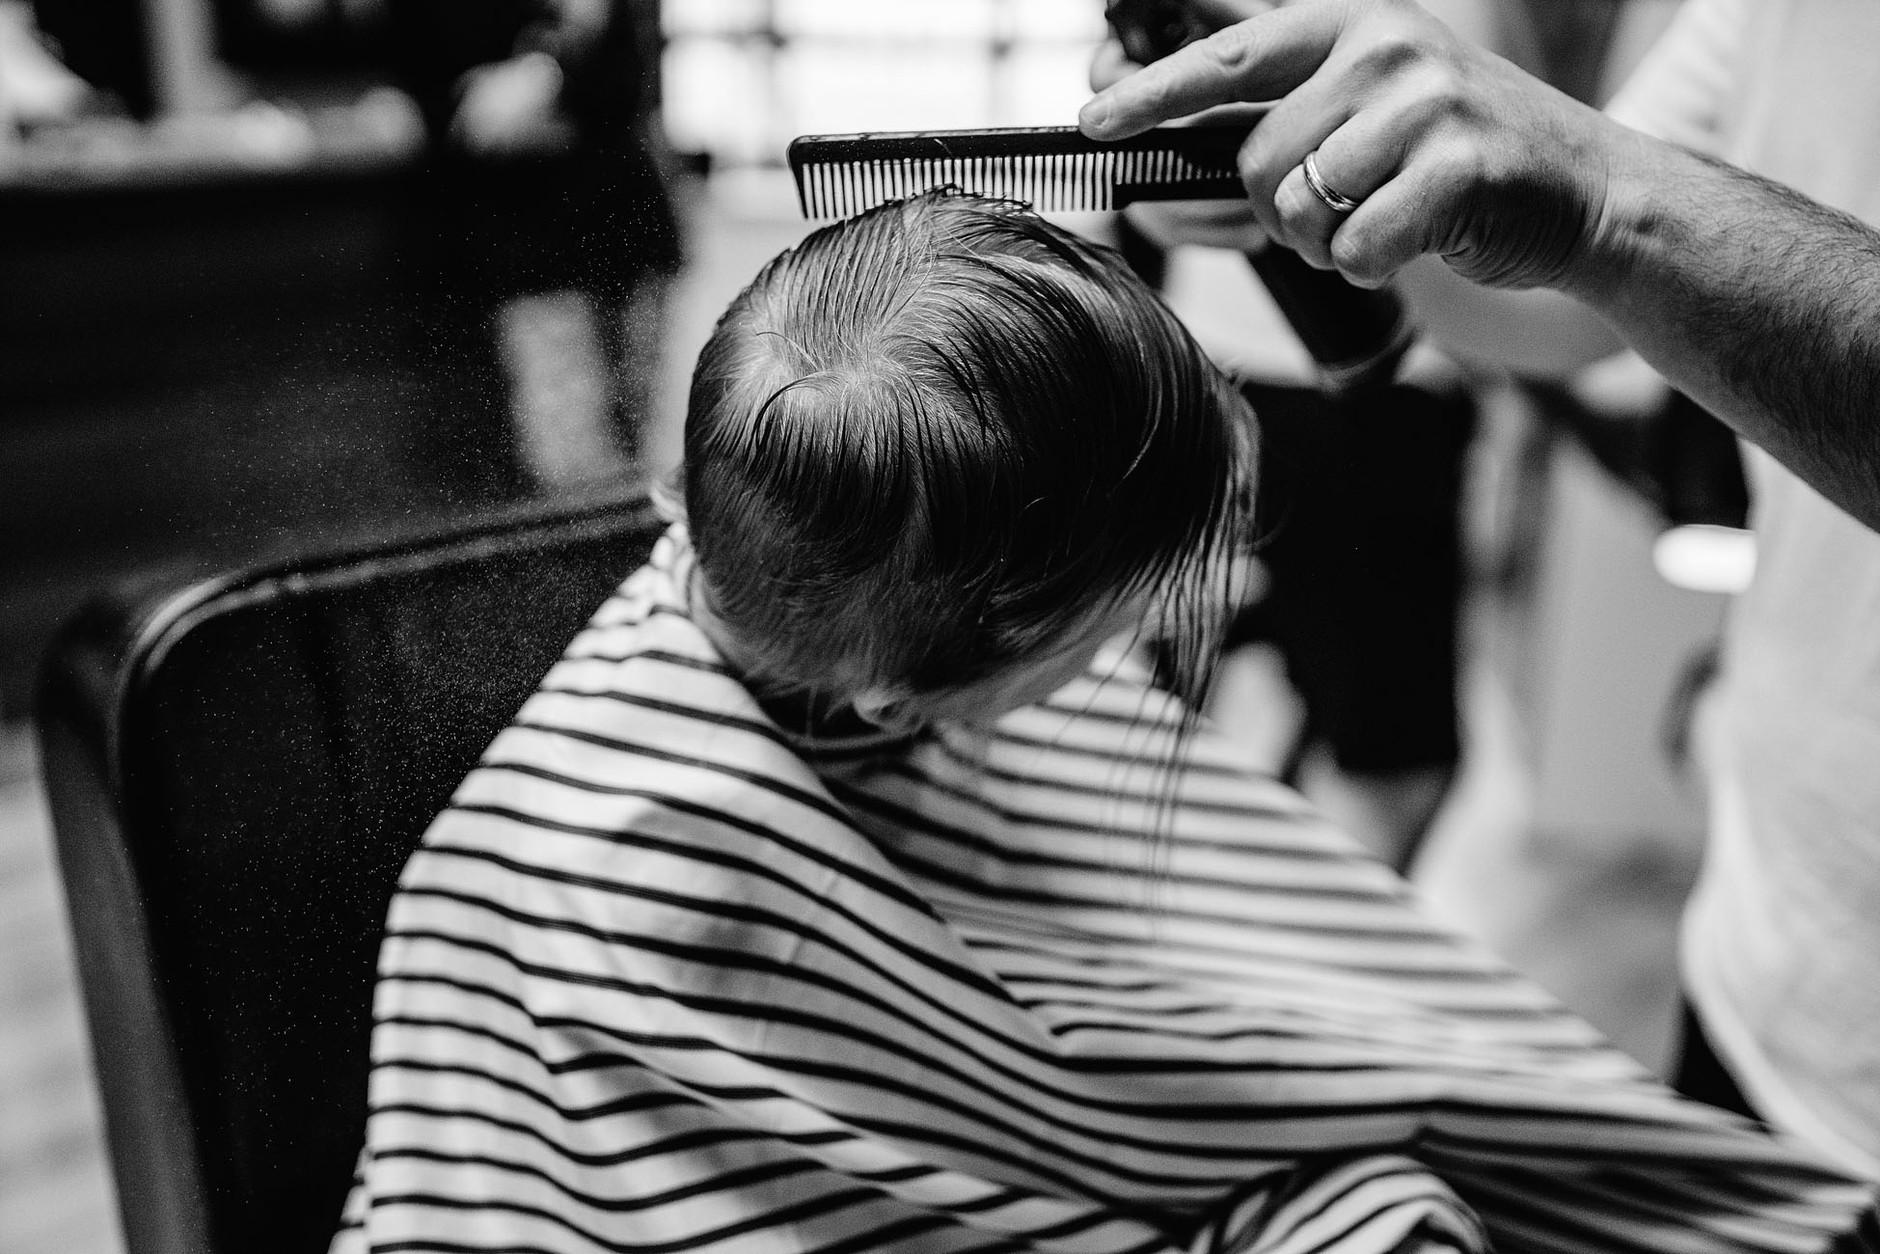 dublin-documentary-family-photography-finn-haircut-0020.jpg